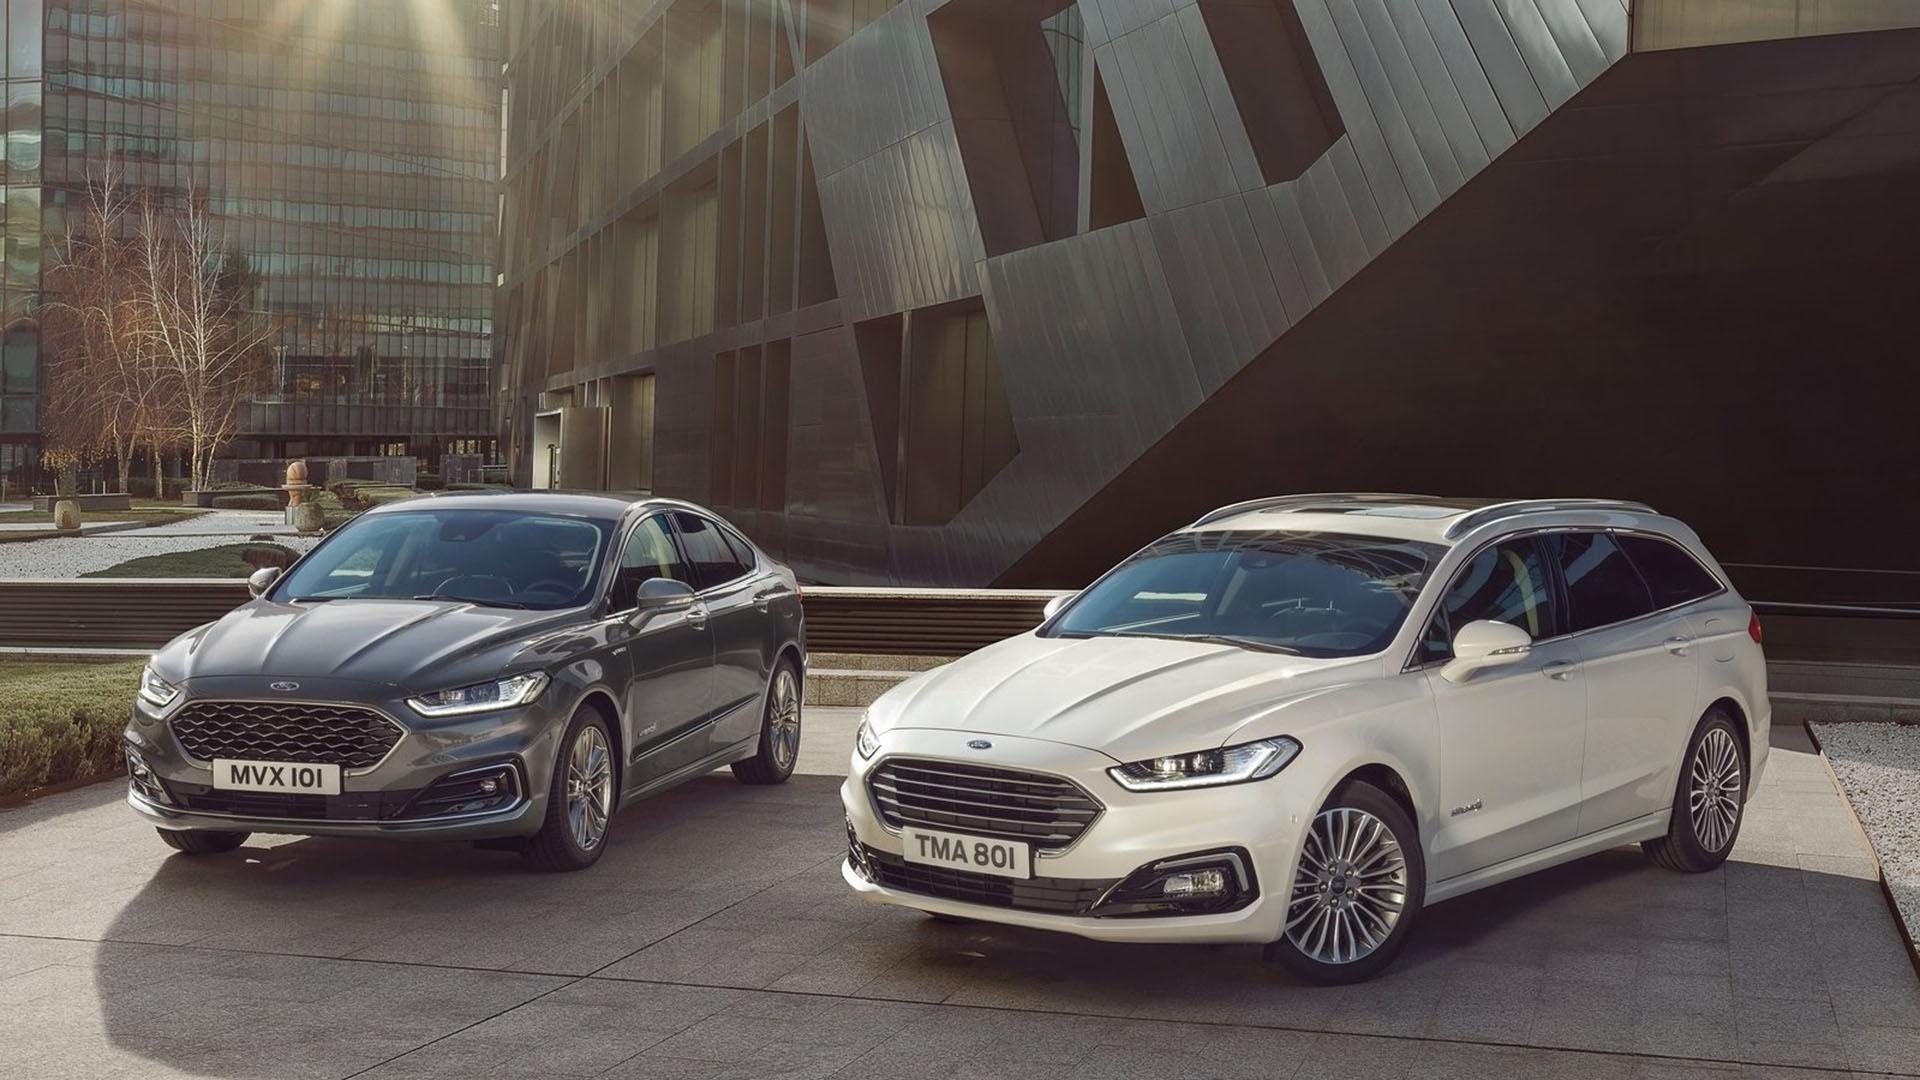 Τέλος εποχής για το Ford Mondeo μετά από τρεις δεκαετίες